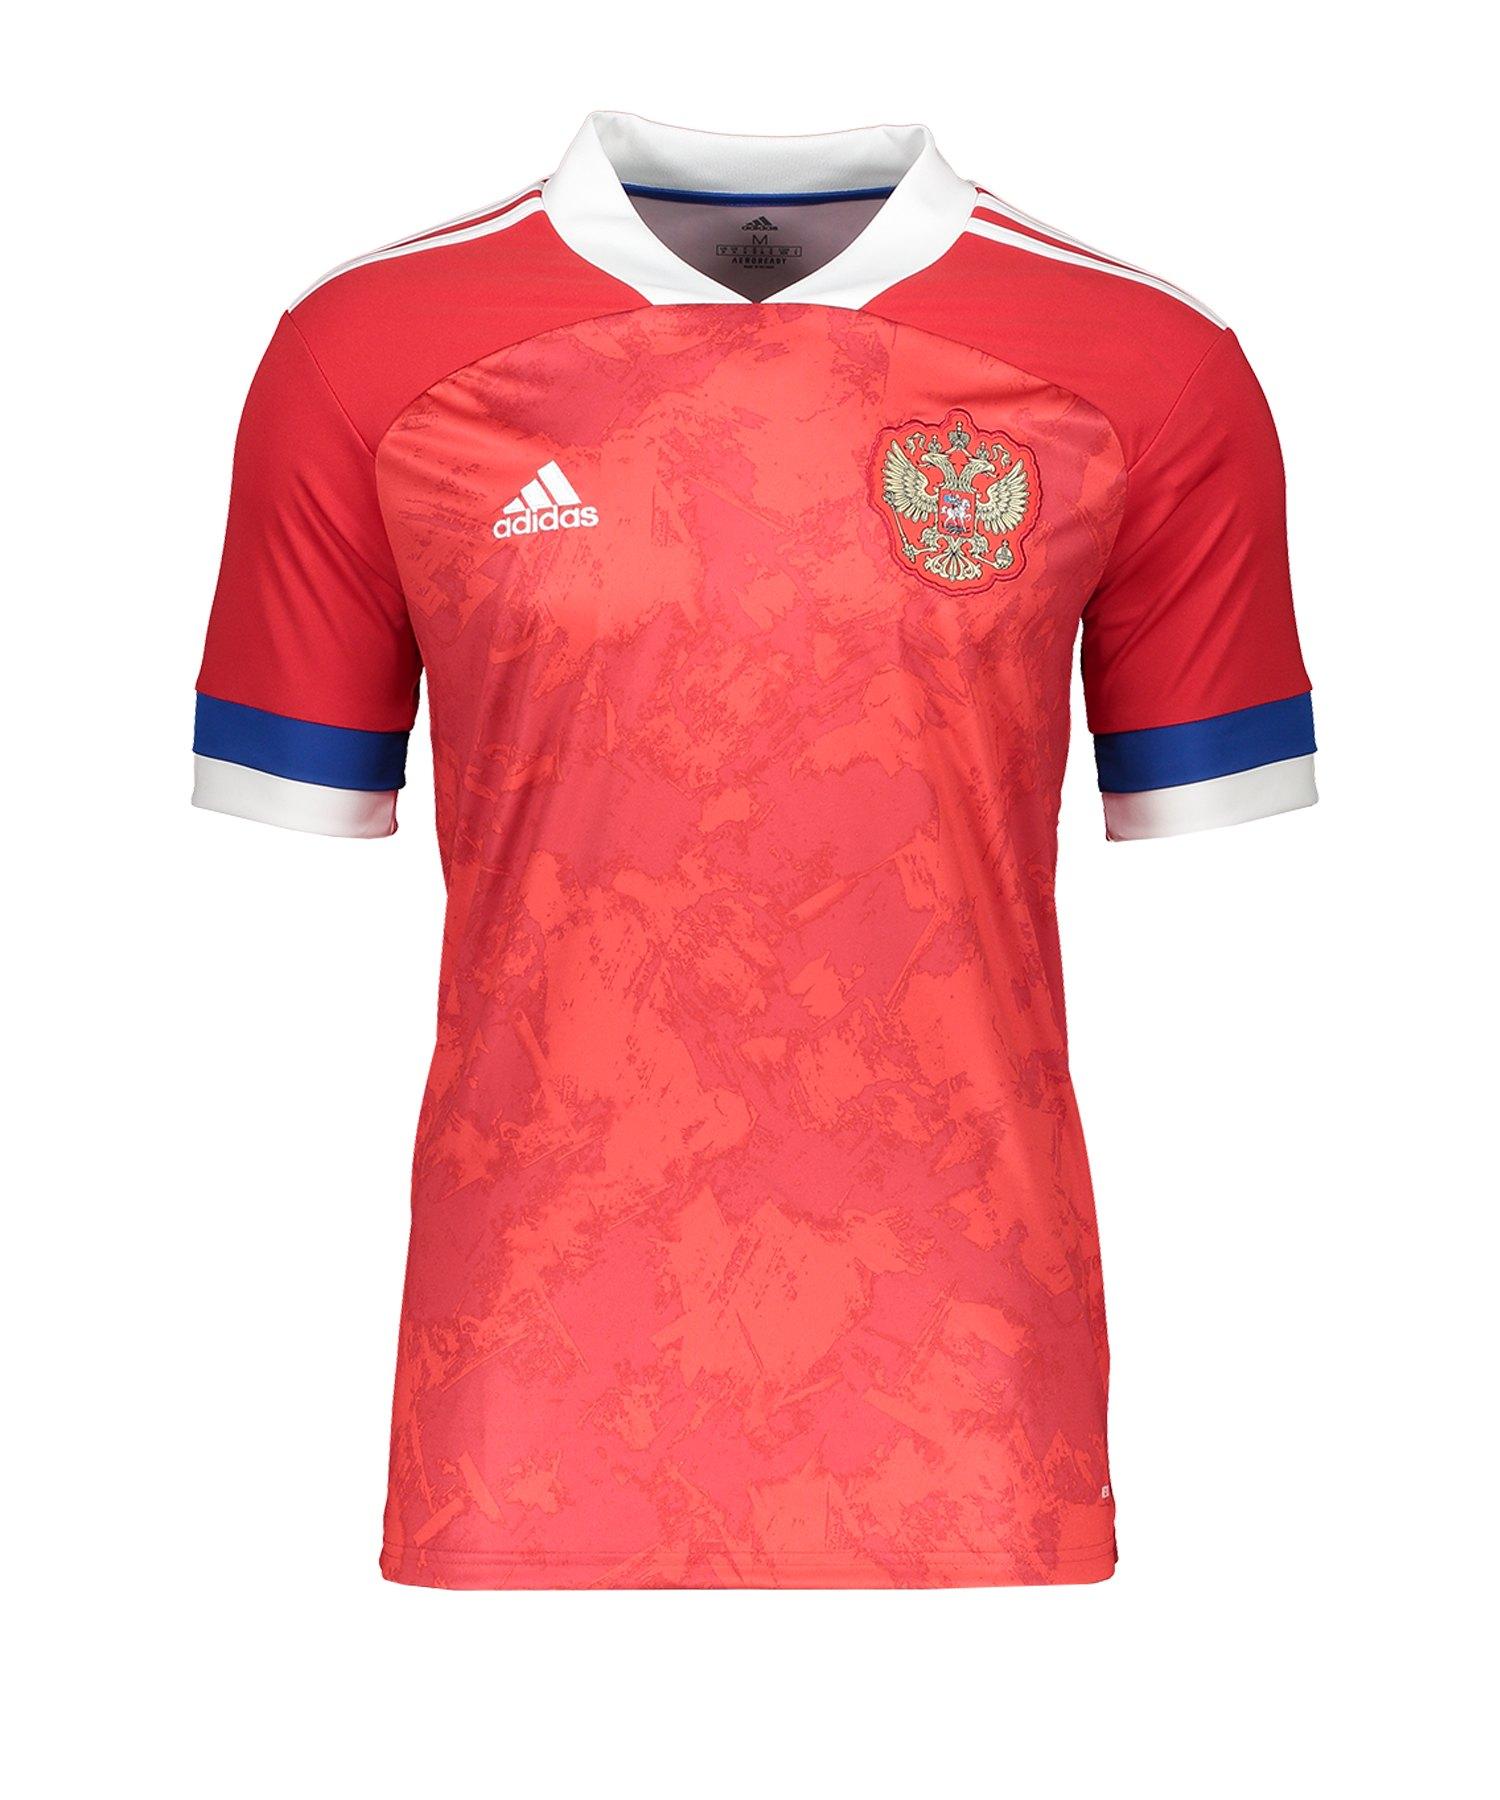 adidas Russland Trikot Home EM 2020 Rot - rot